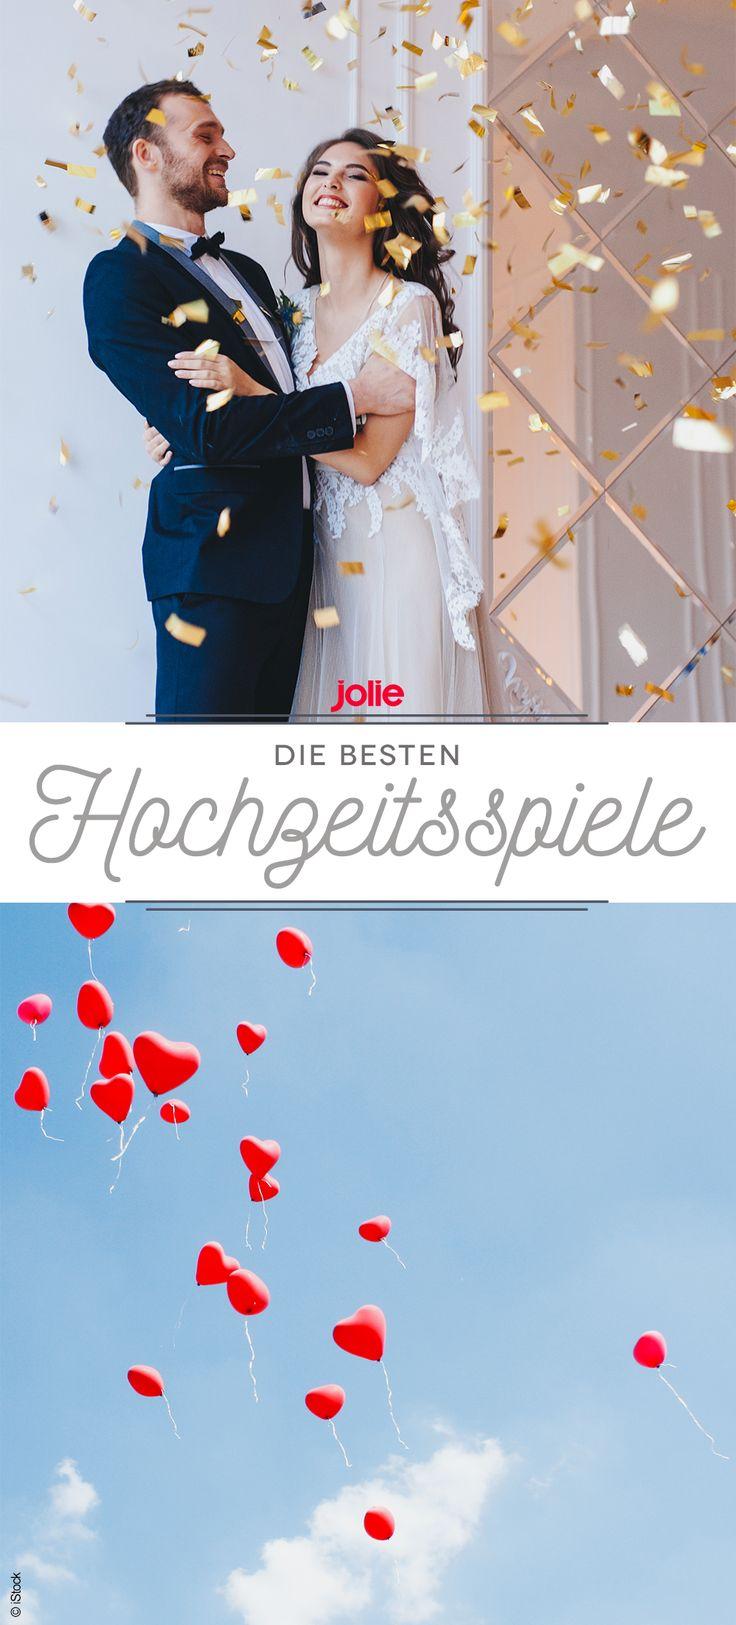 Hochzeitsspiele: Lustige Spiele zur Hochzeit | Hochzeit